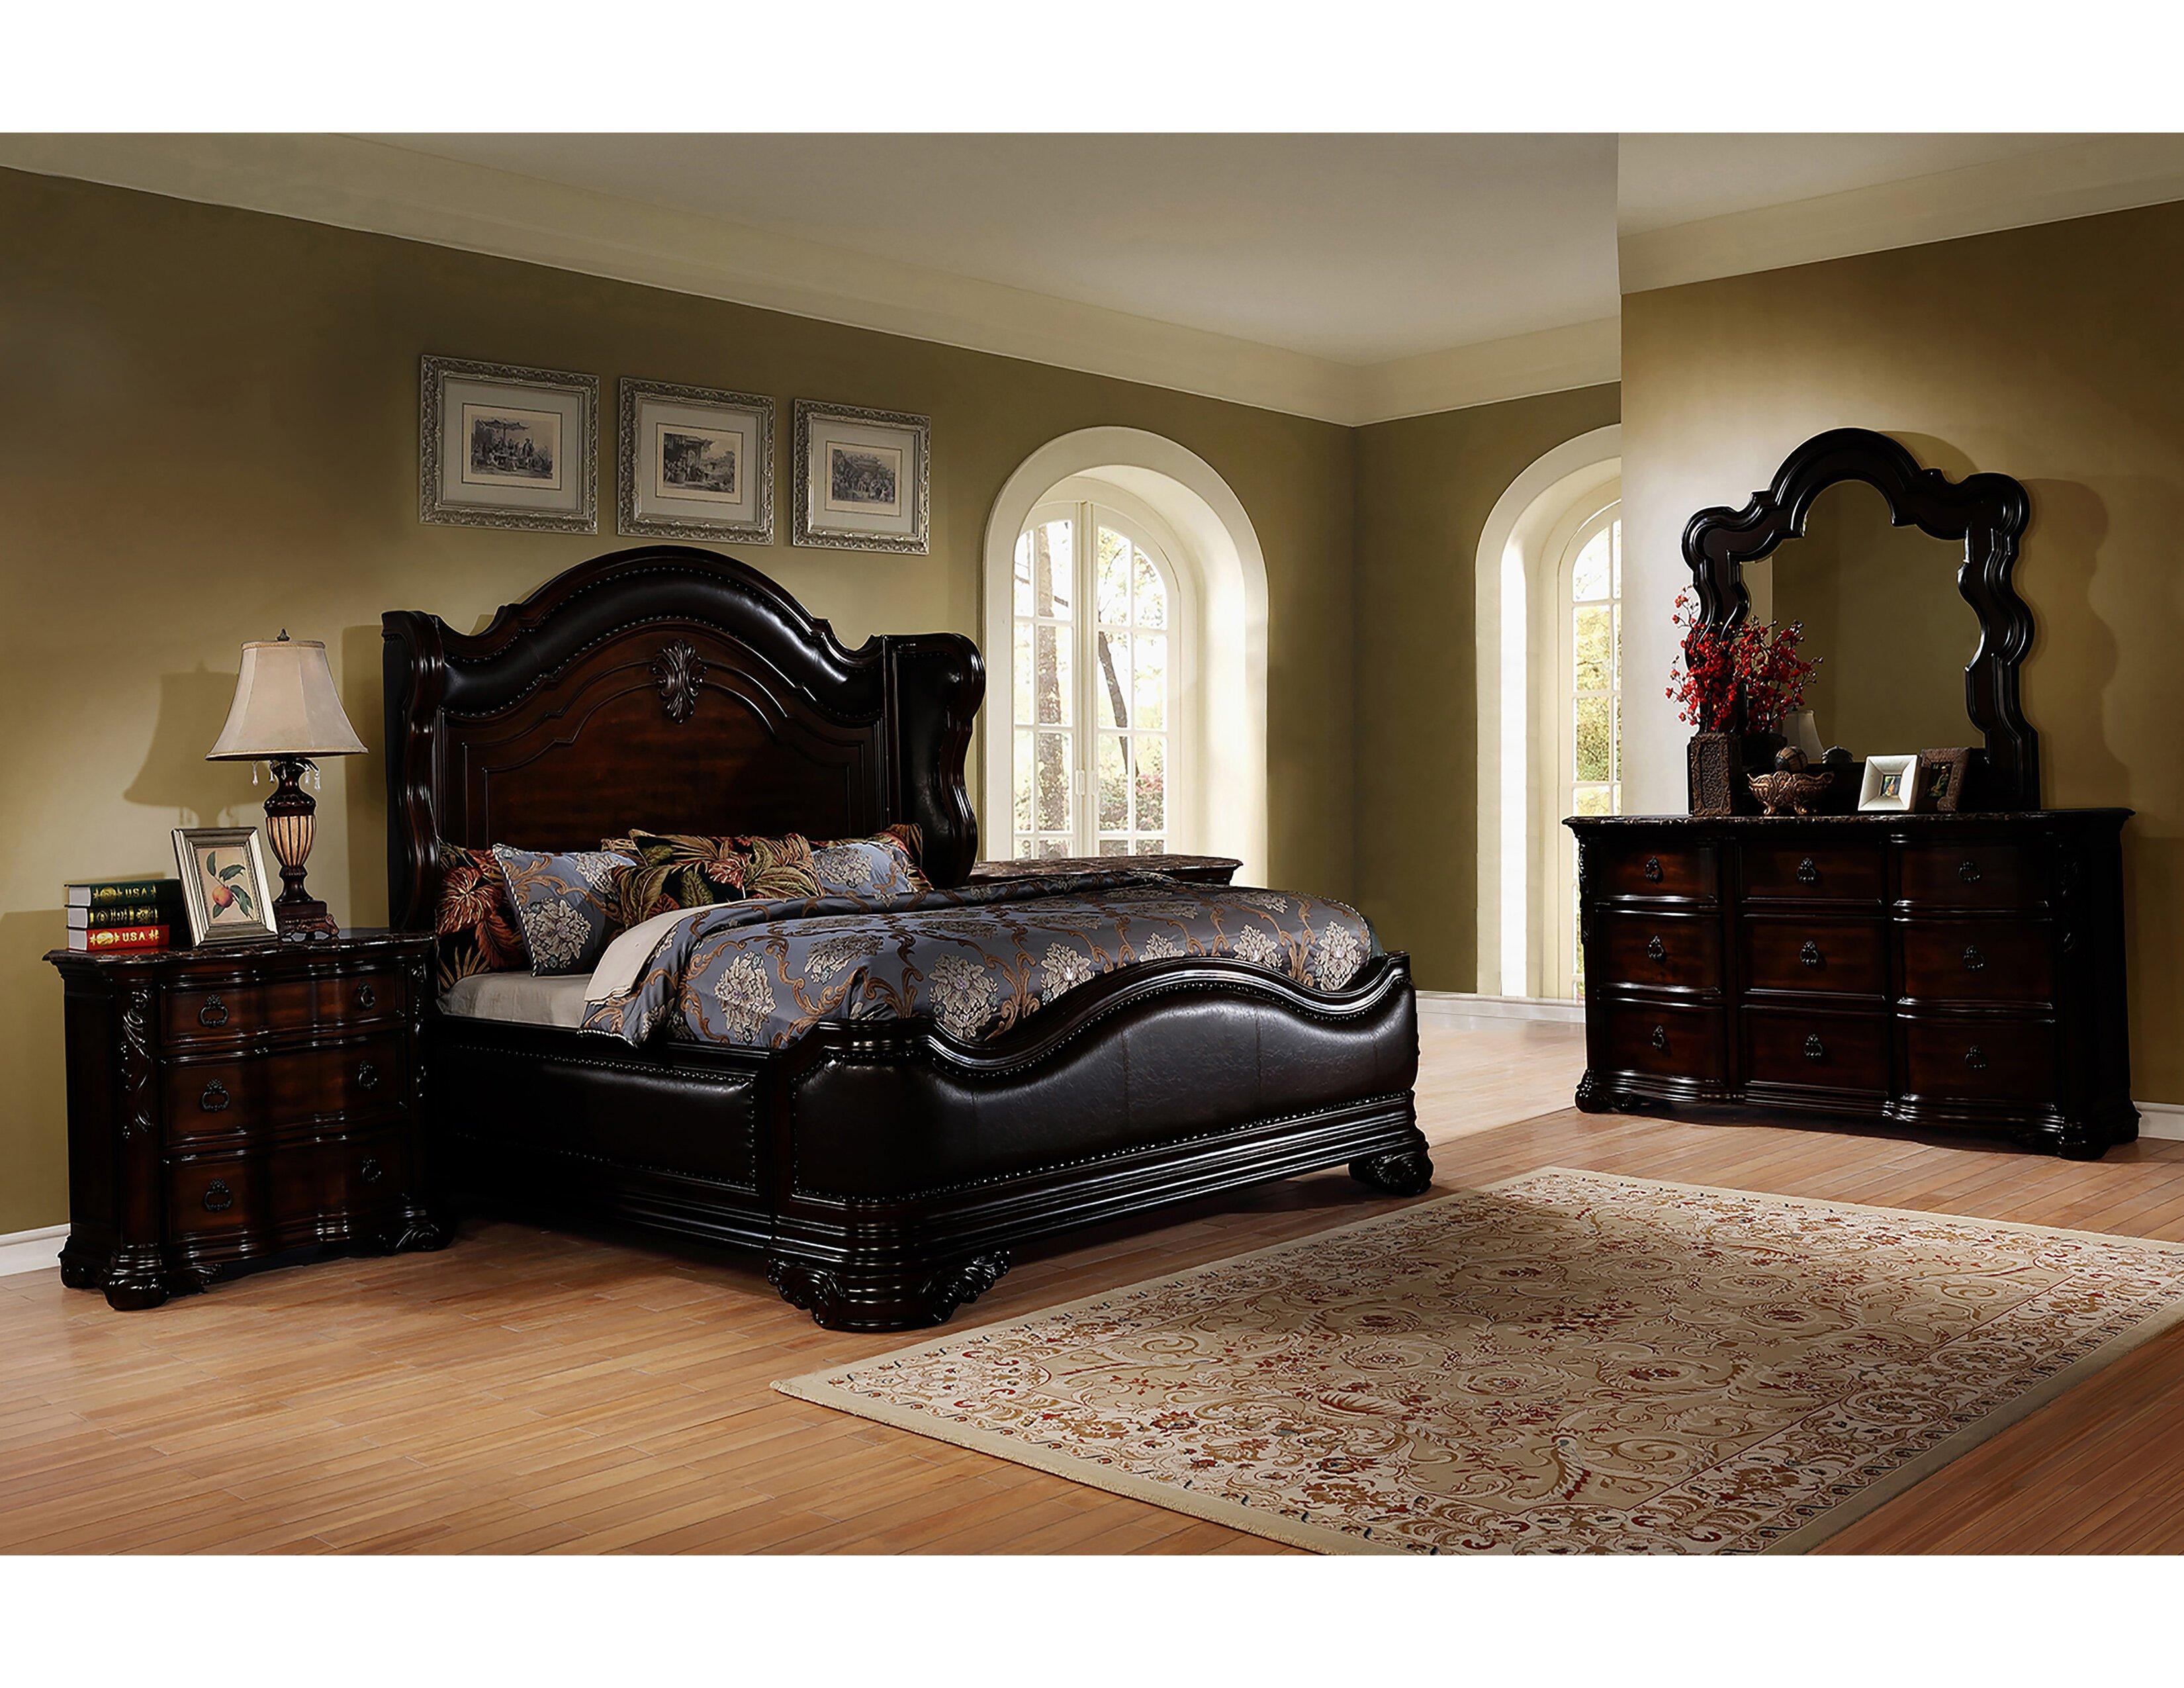 Leather Headboard Bedroom Set Elegant Ayan Standard 5 Piece Bedroom Set